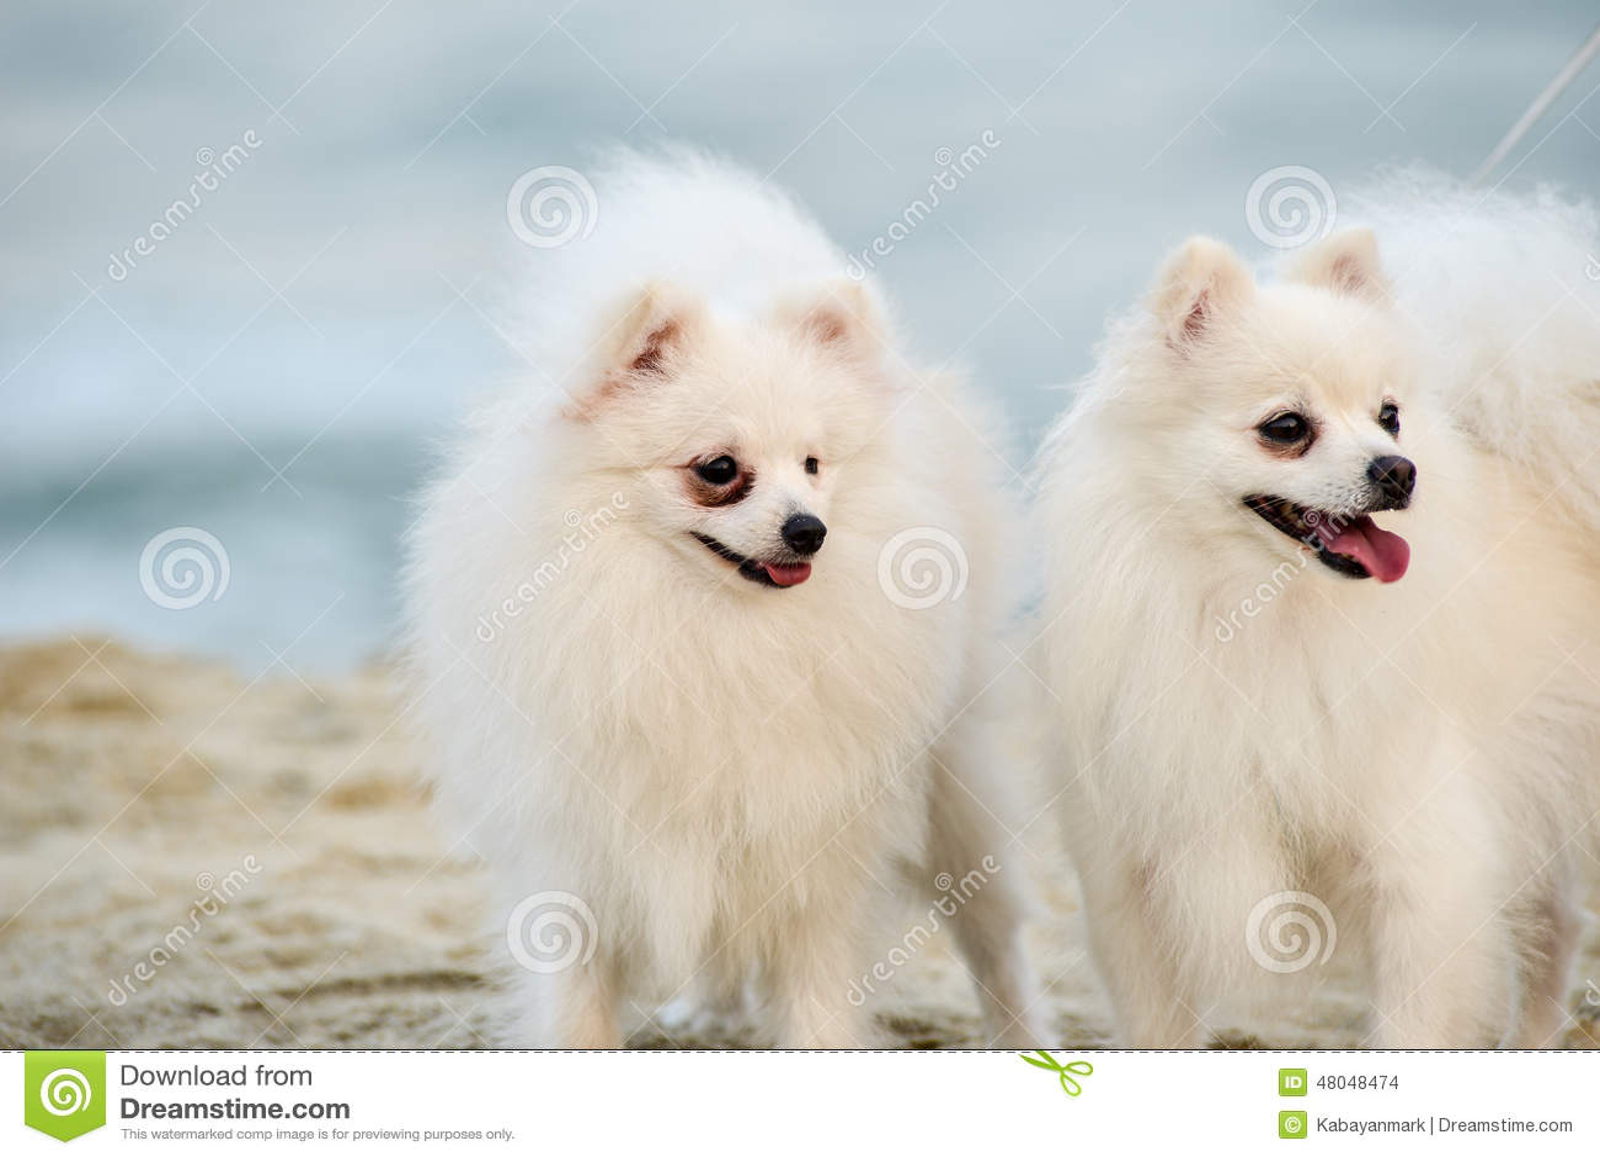 Δίδυμα σκυλιά, δύο σκυλιά στο λευκό παραλιών